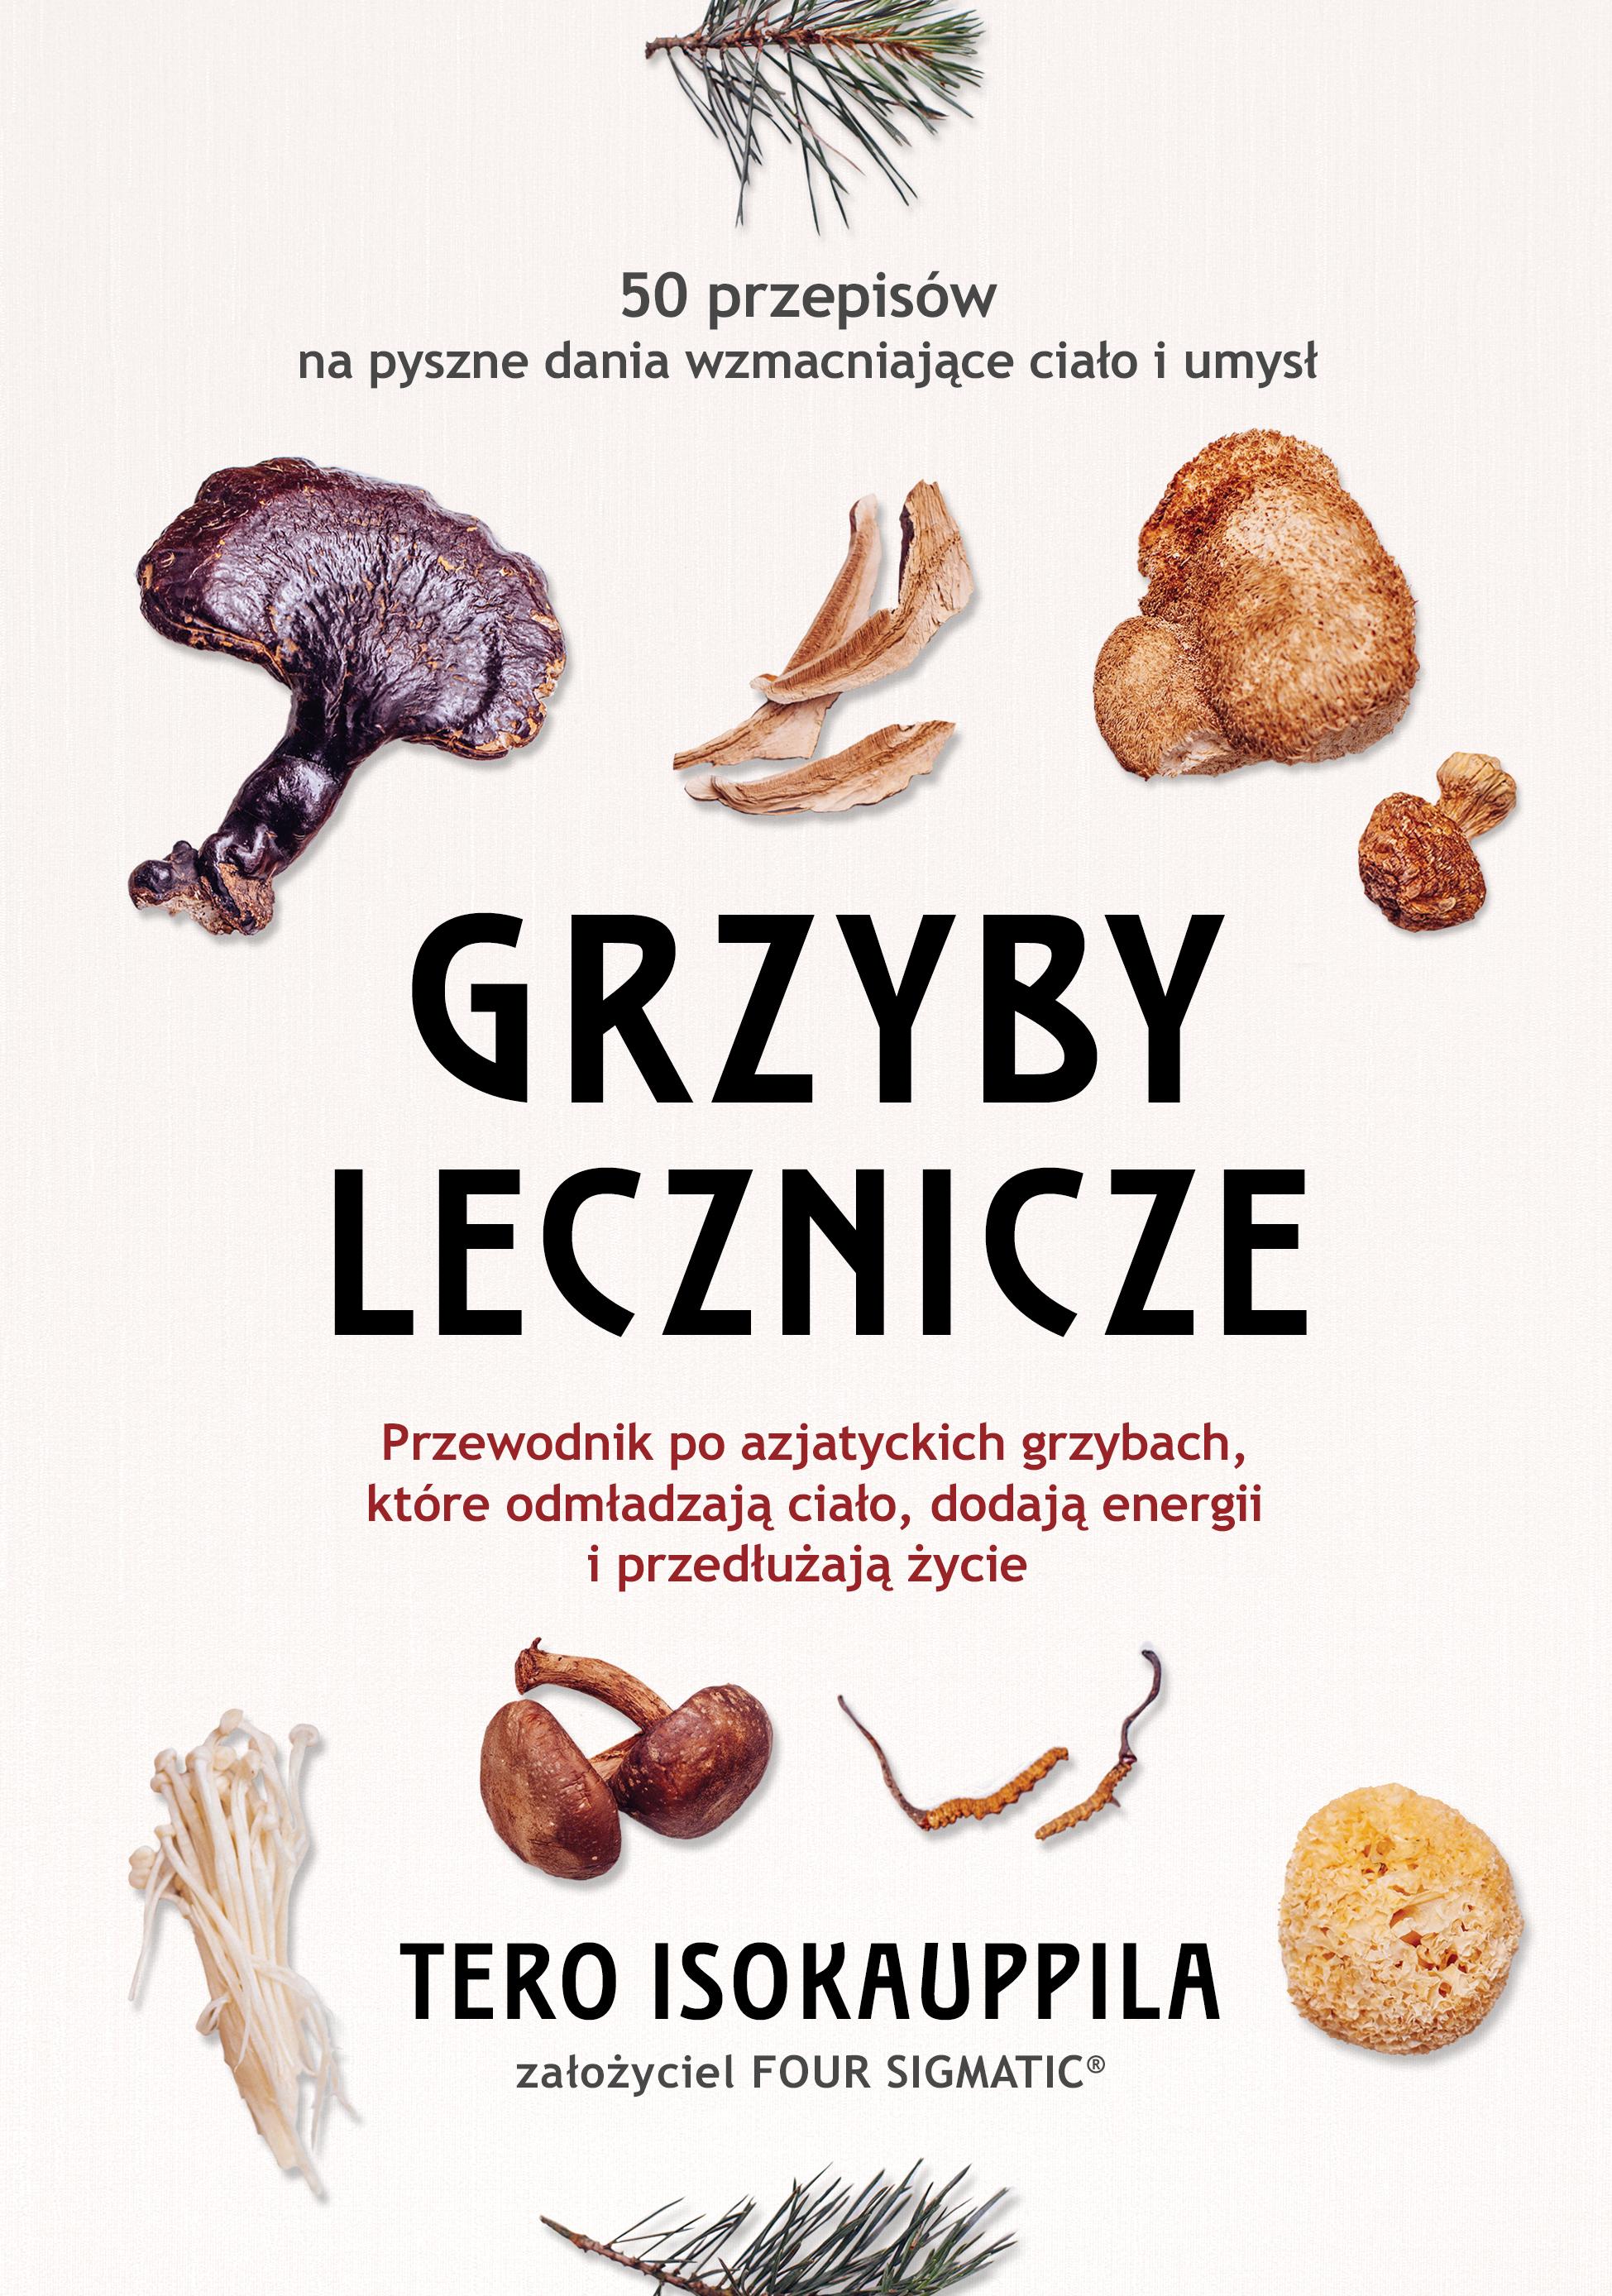 okładka książki lecznicze grzyby